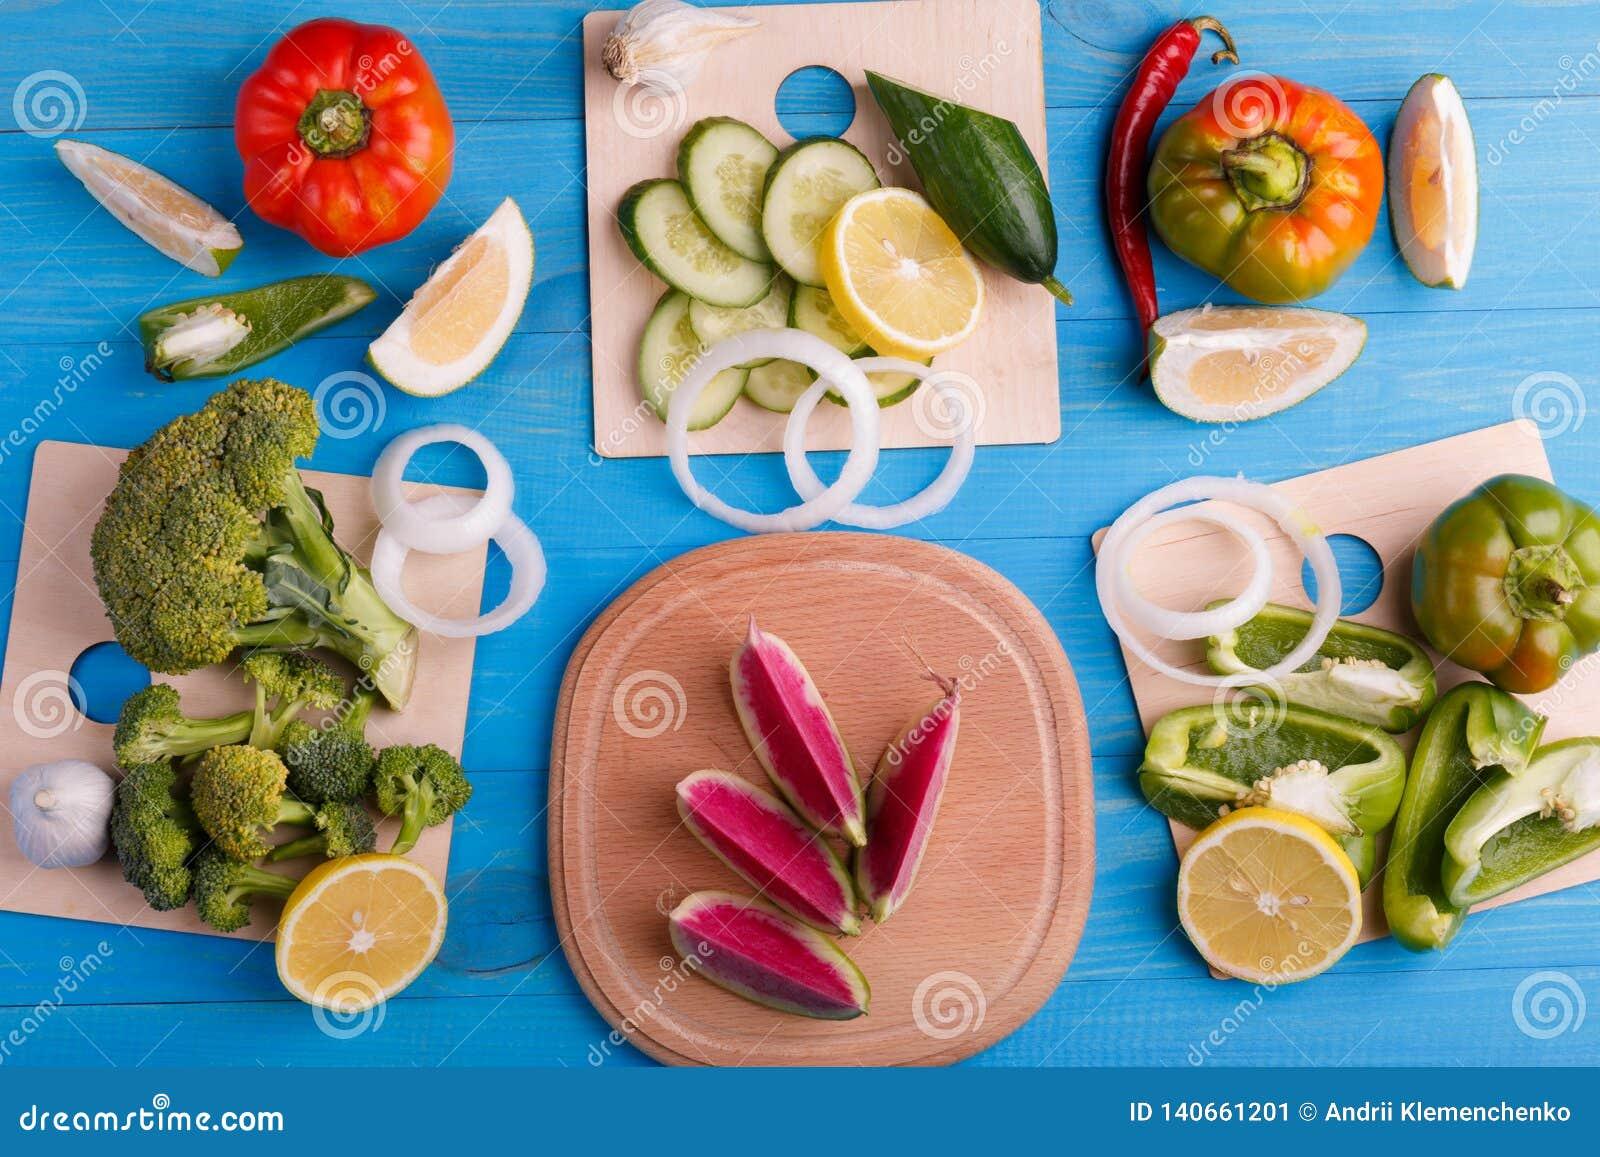 Υγιής φωτογραφία στούντιο υποβάθρου κατανάλωσης των διαφορετικών φρούτων και λαχανικών στον παλαιό ξύλινο πίνακα